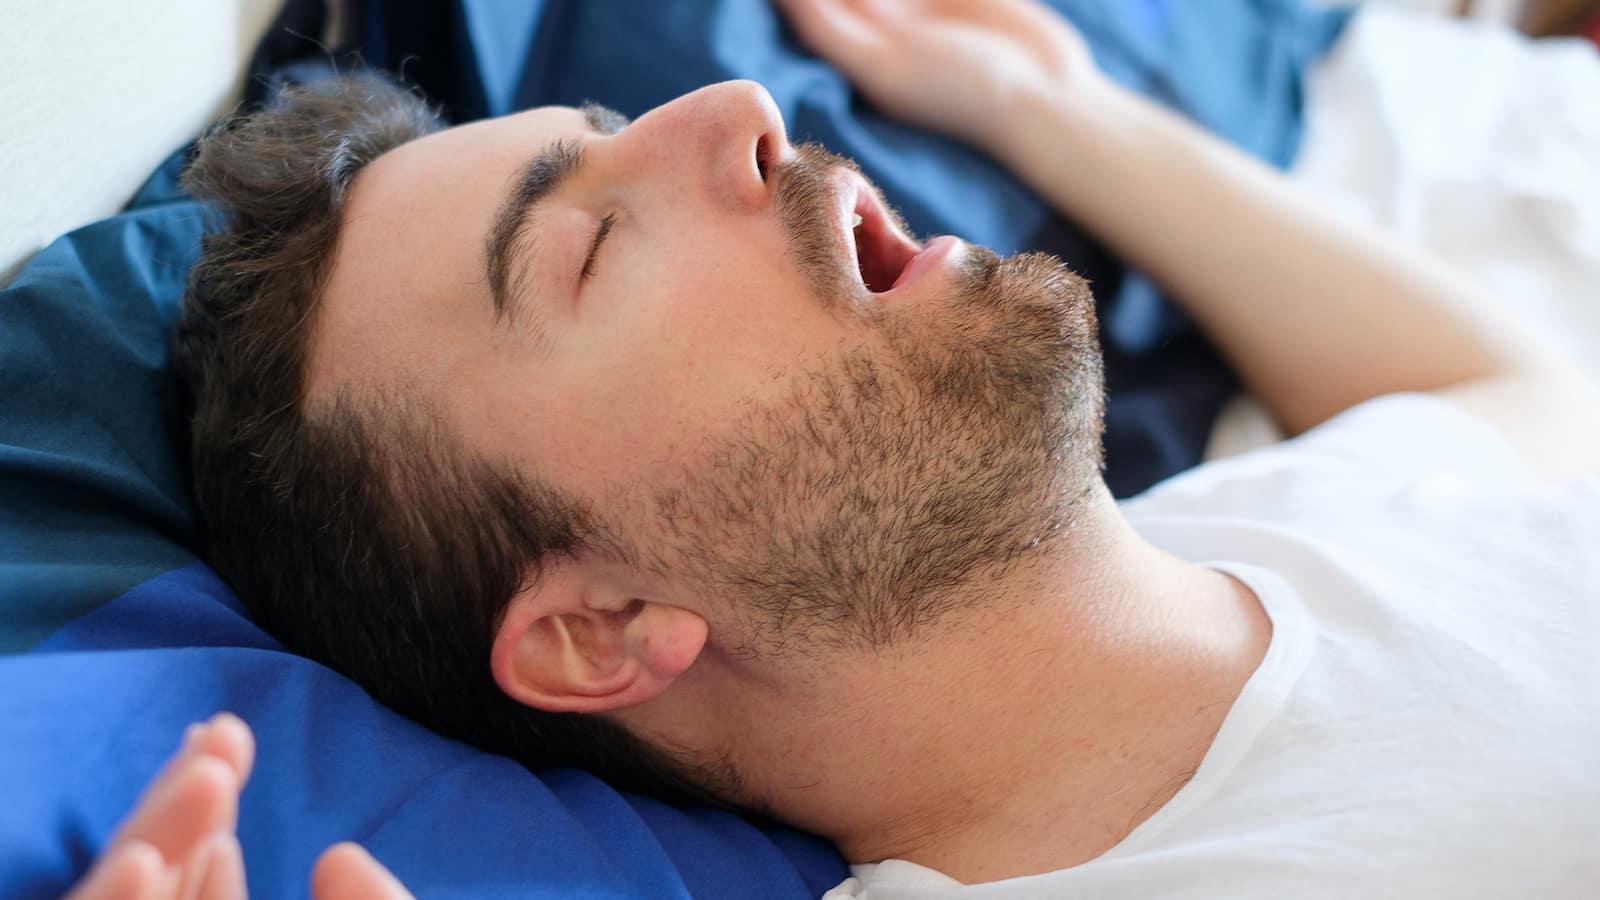 A horkolás típusai és veszélyei